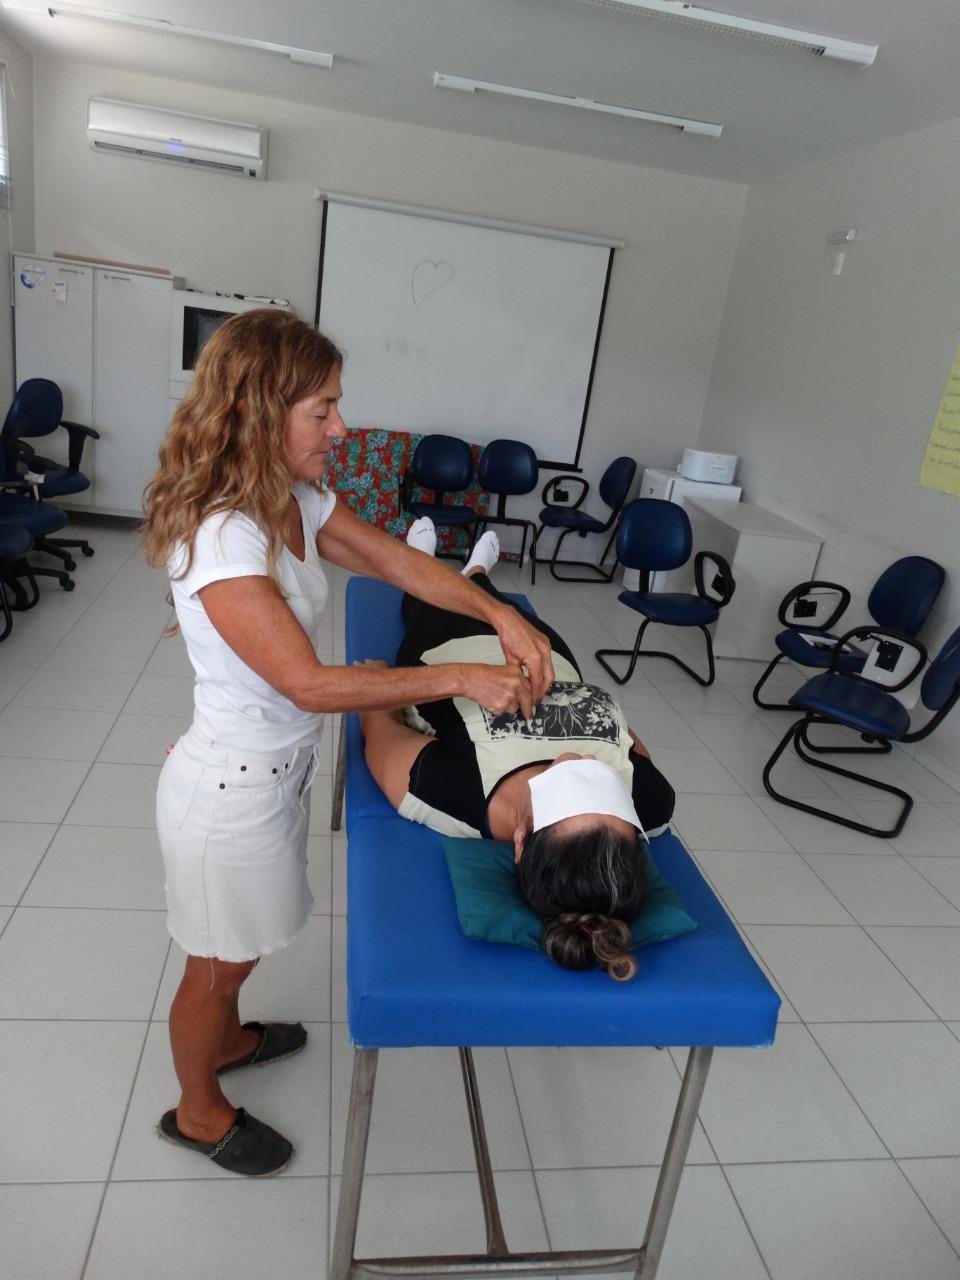 Unidade de saúde de Florianópolis oferece sessões de Reiki aos pacientes